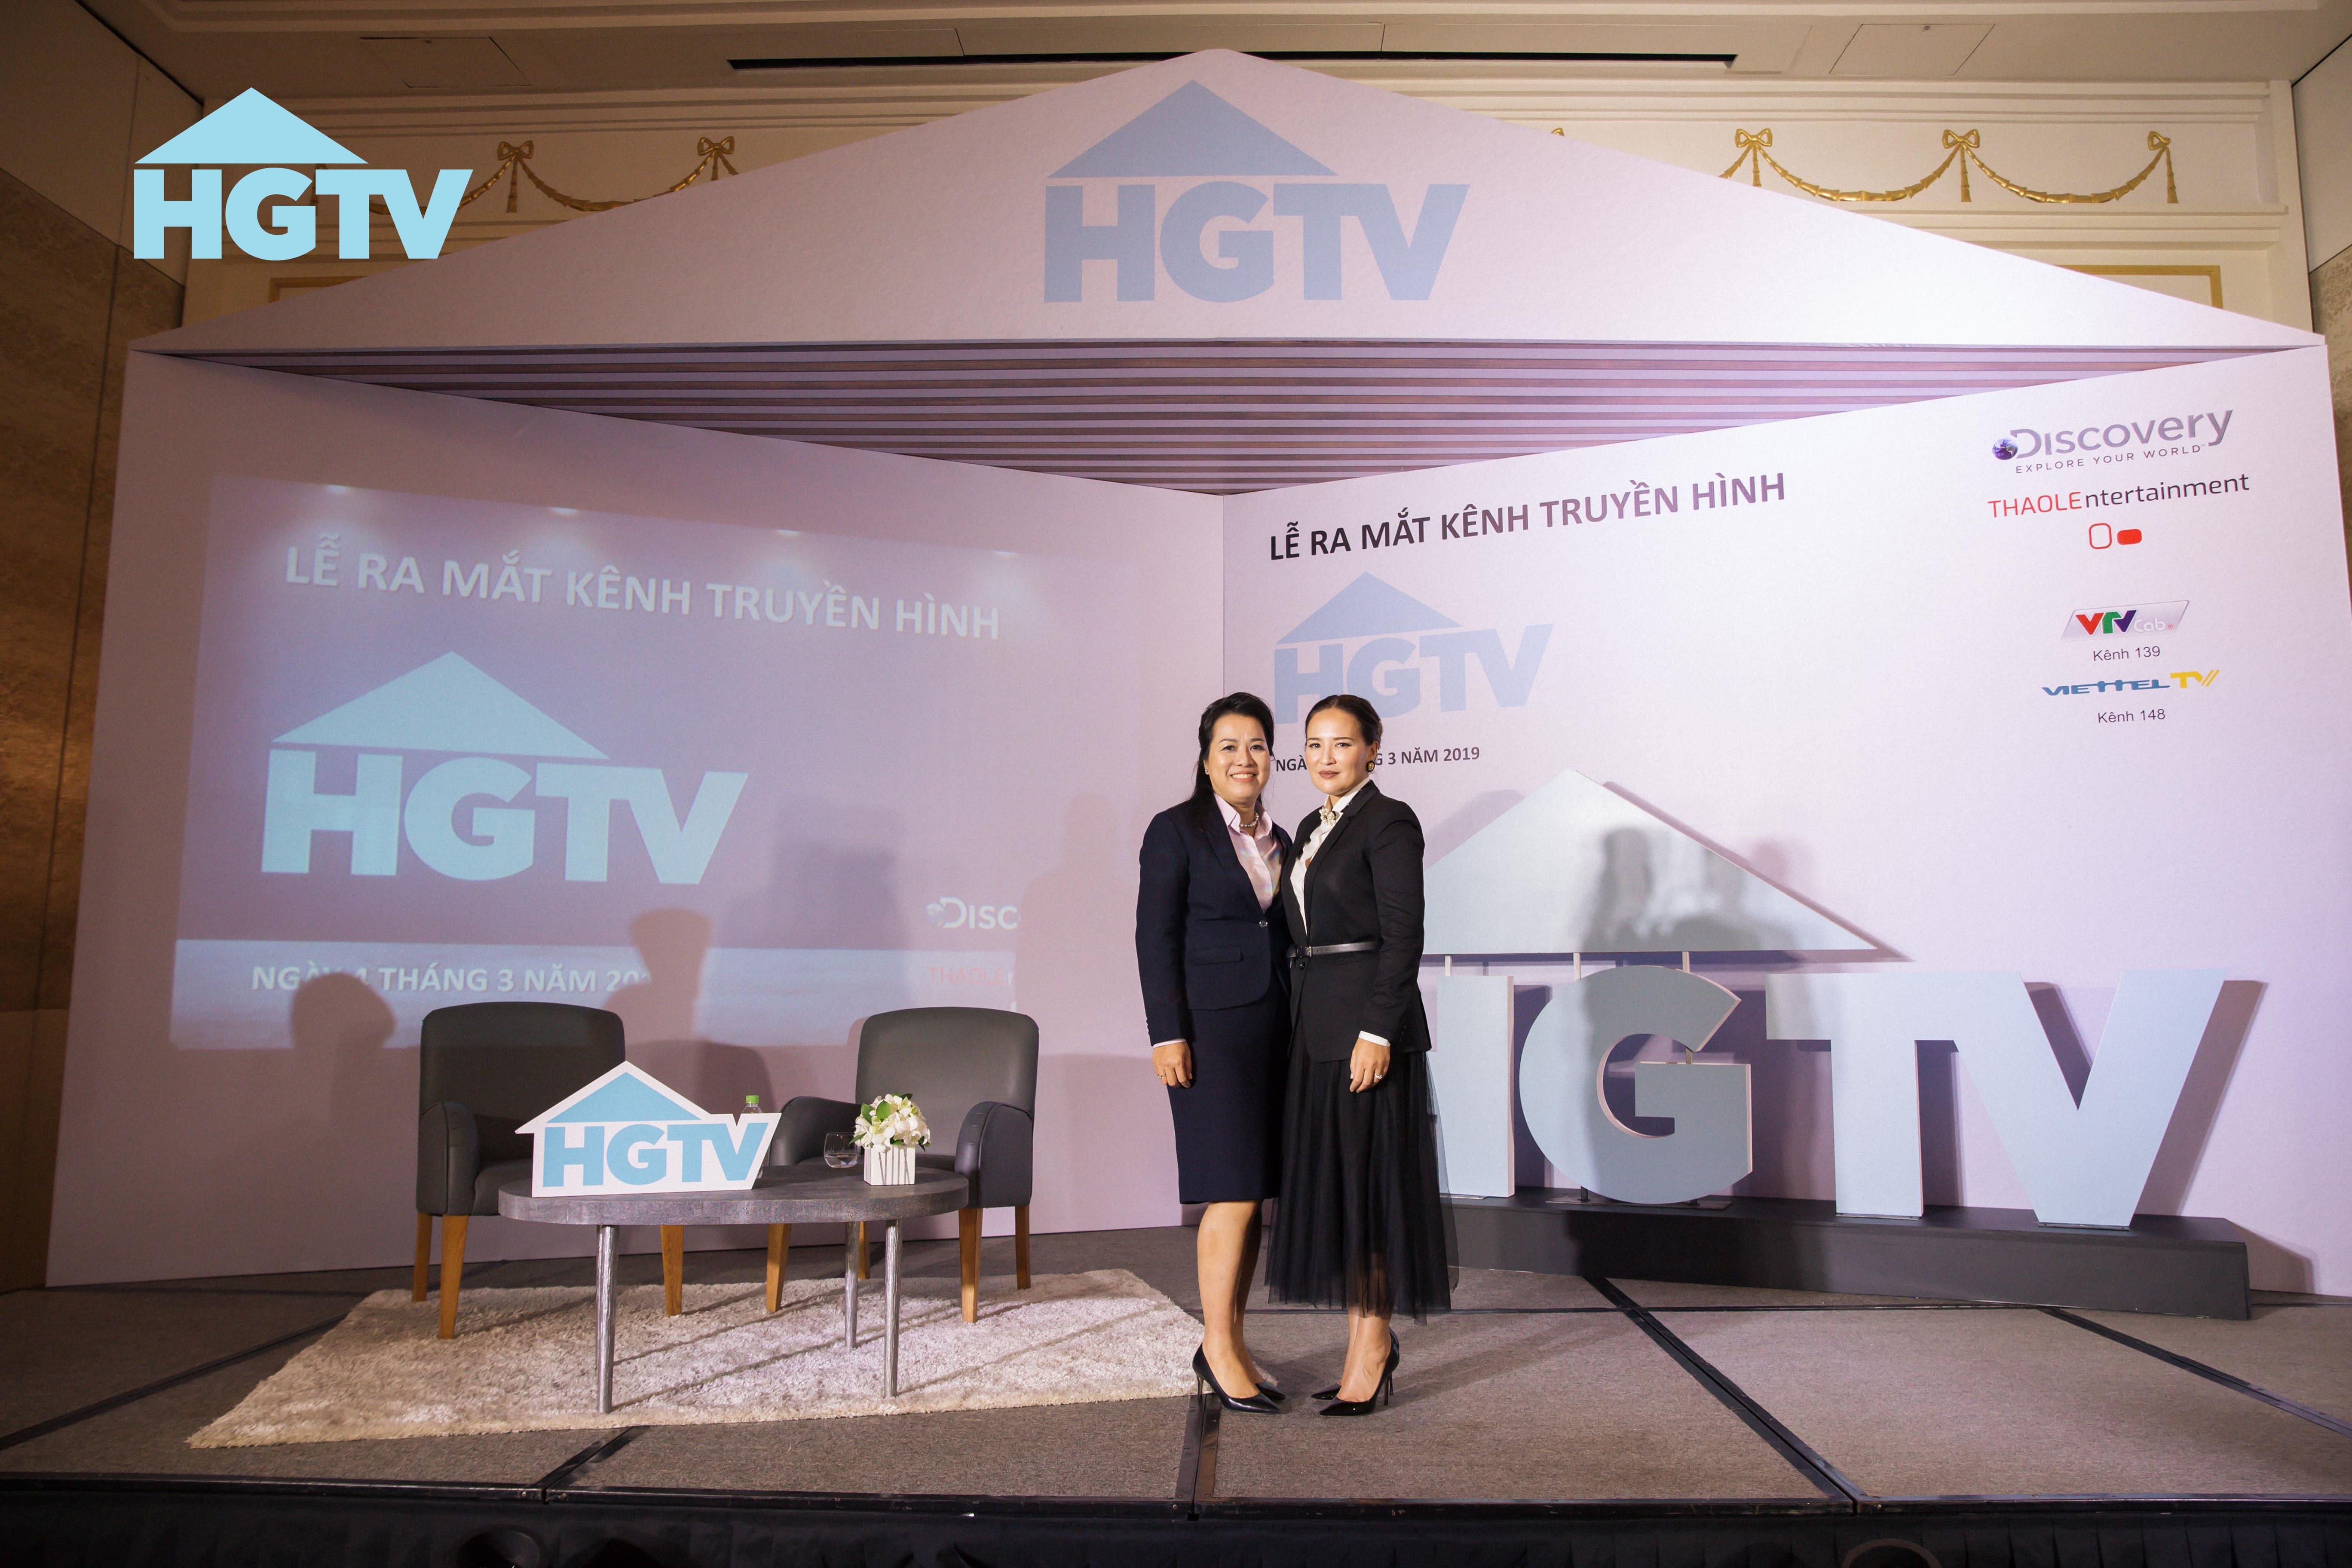 """Discovery Networks """"bắt tay"""" công ty giải trí Thảo Lê ra mắt kênh truyền hình HGTV 4"""